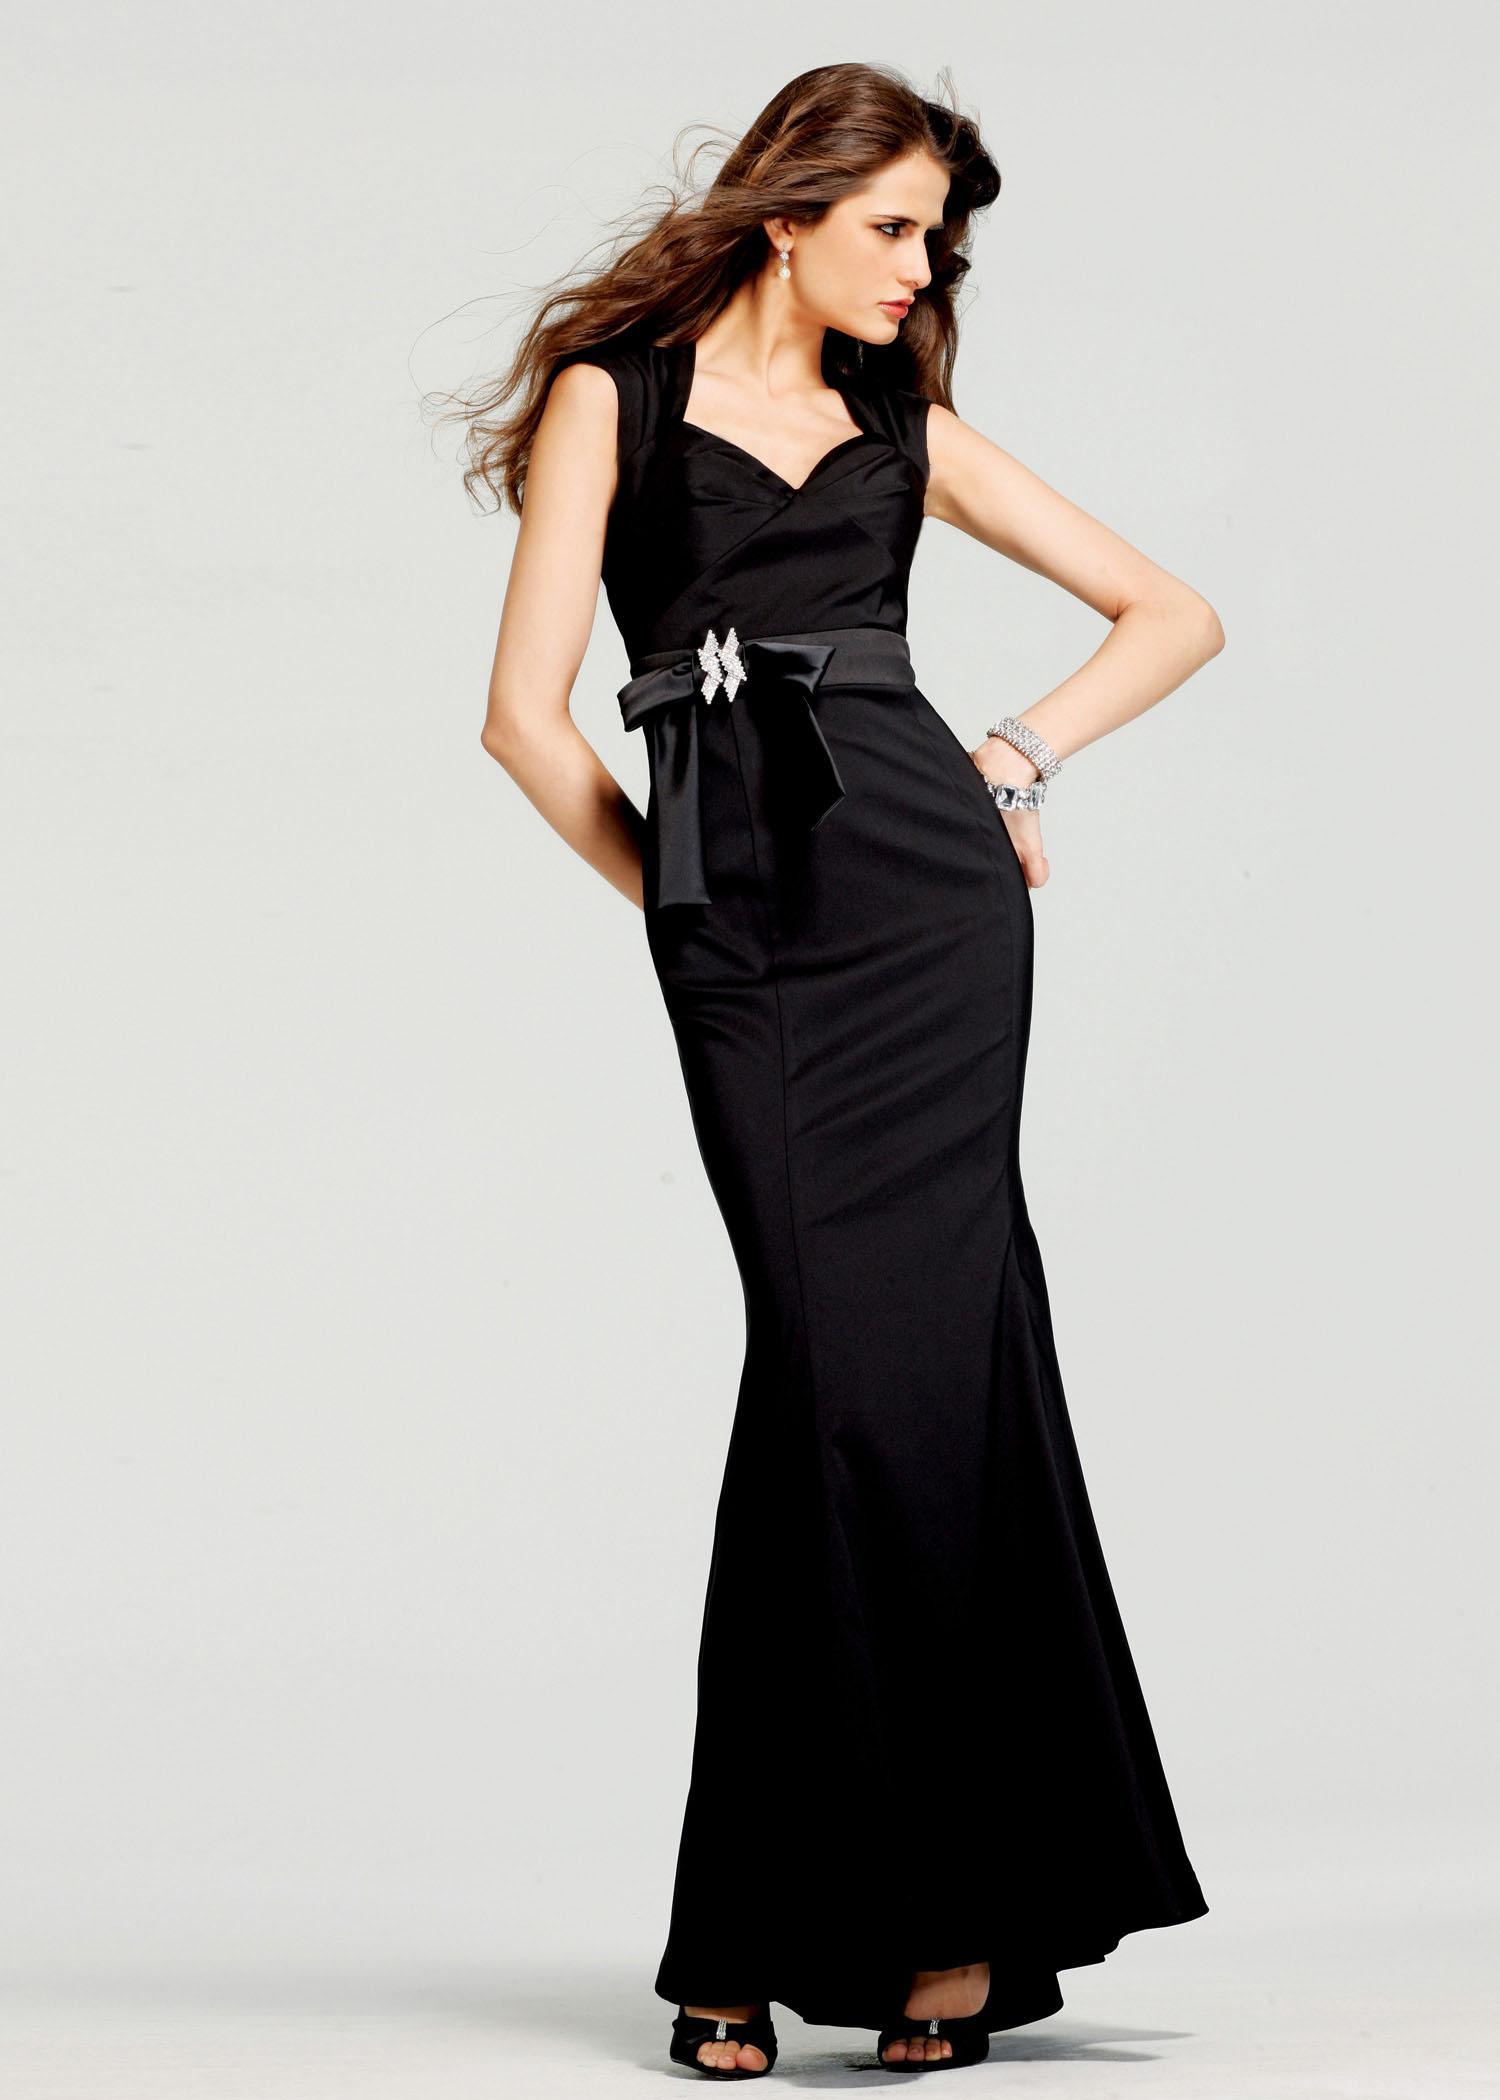 эротика фото вечерние платья